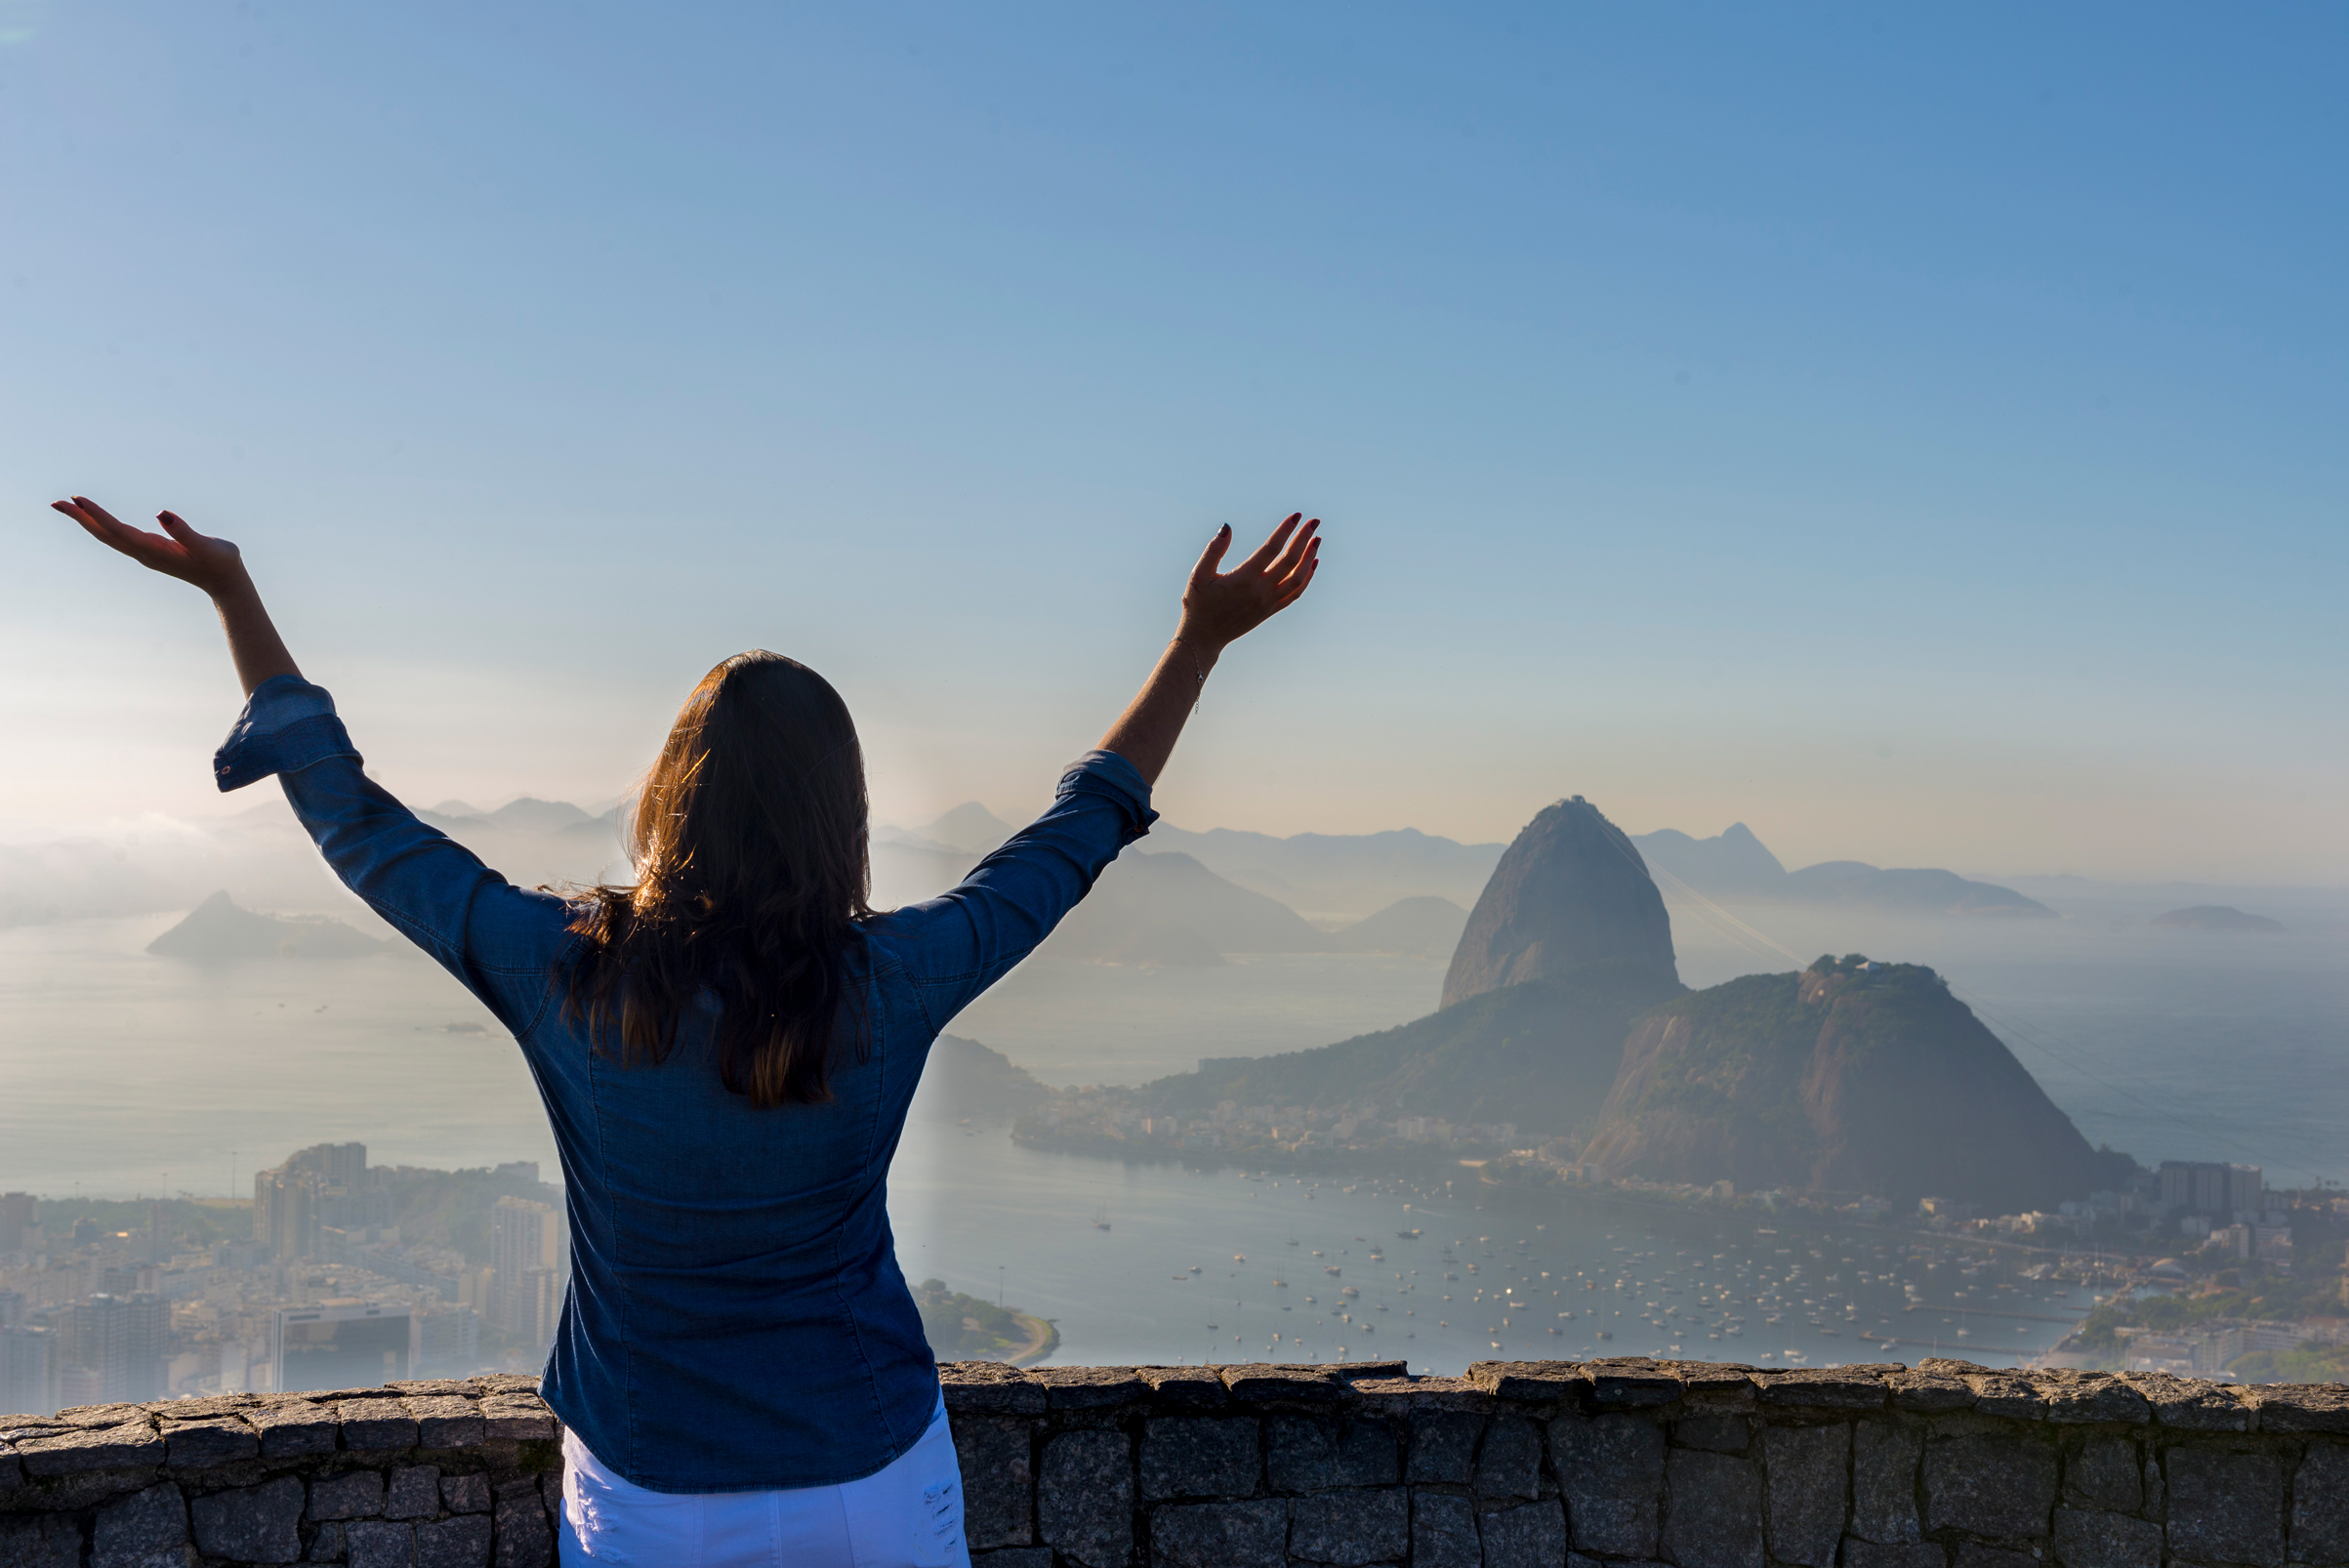 tripbook travel fotografia fotografo viagem trip photographer LuMattos fotos ensaio retrato portrait Rio   BiaFernandes_Rio_2LM5555tb.jpg